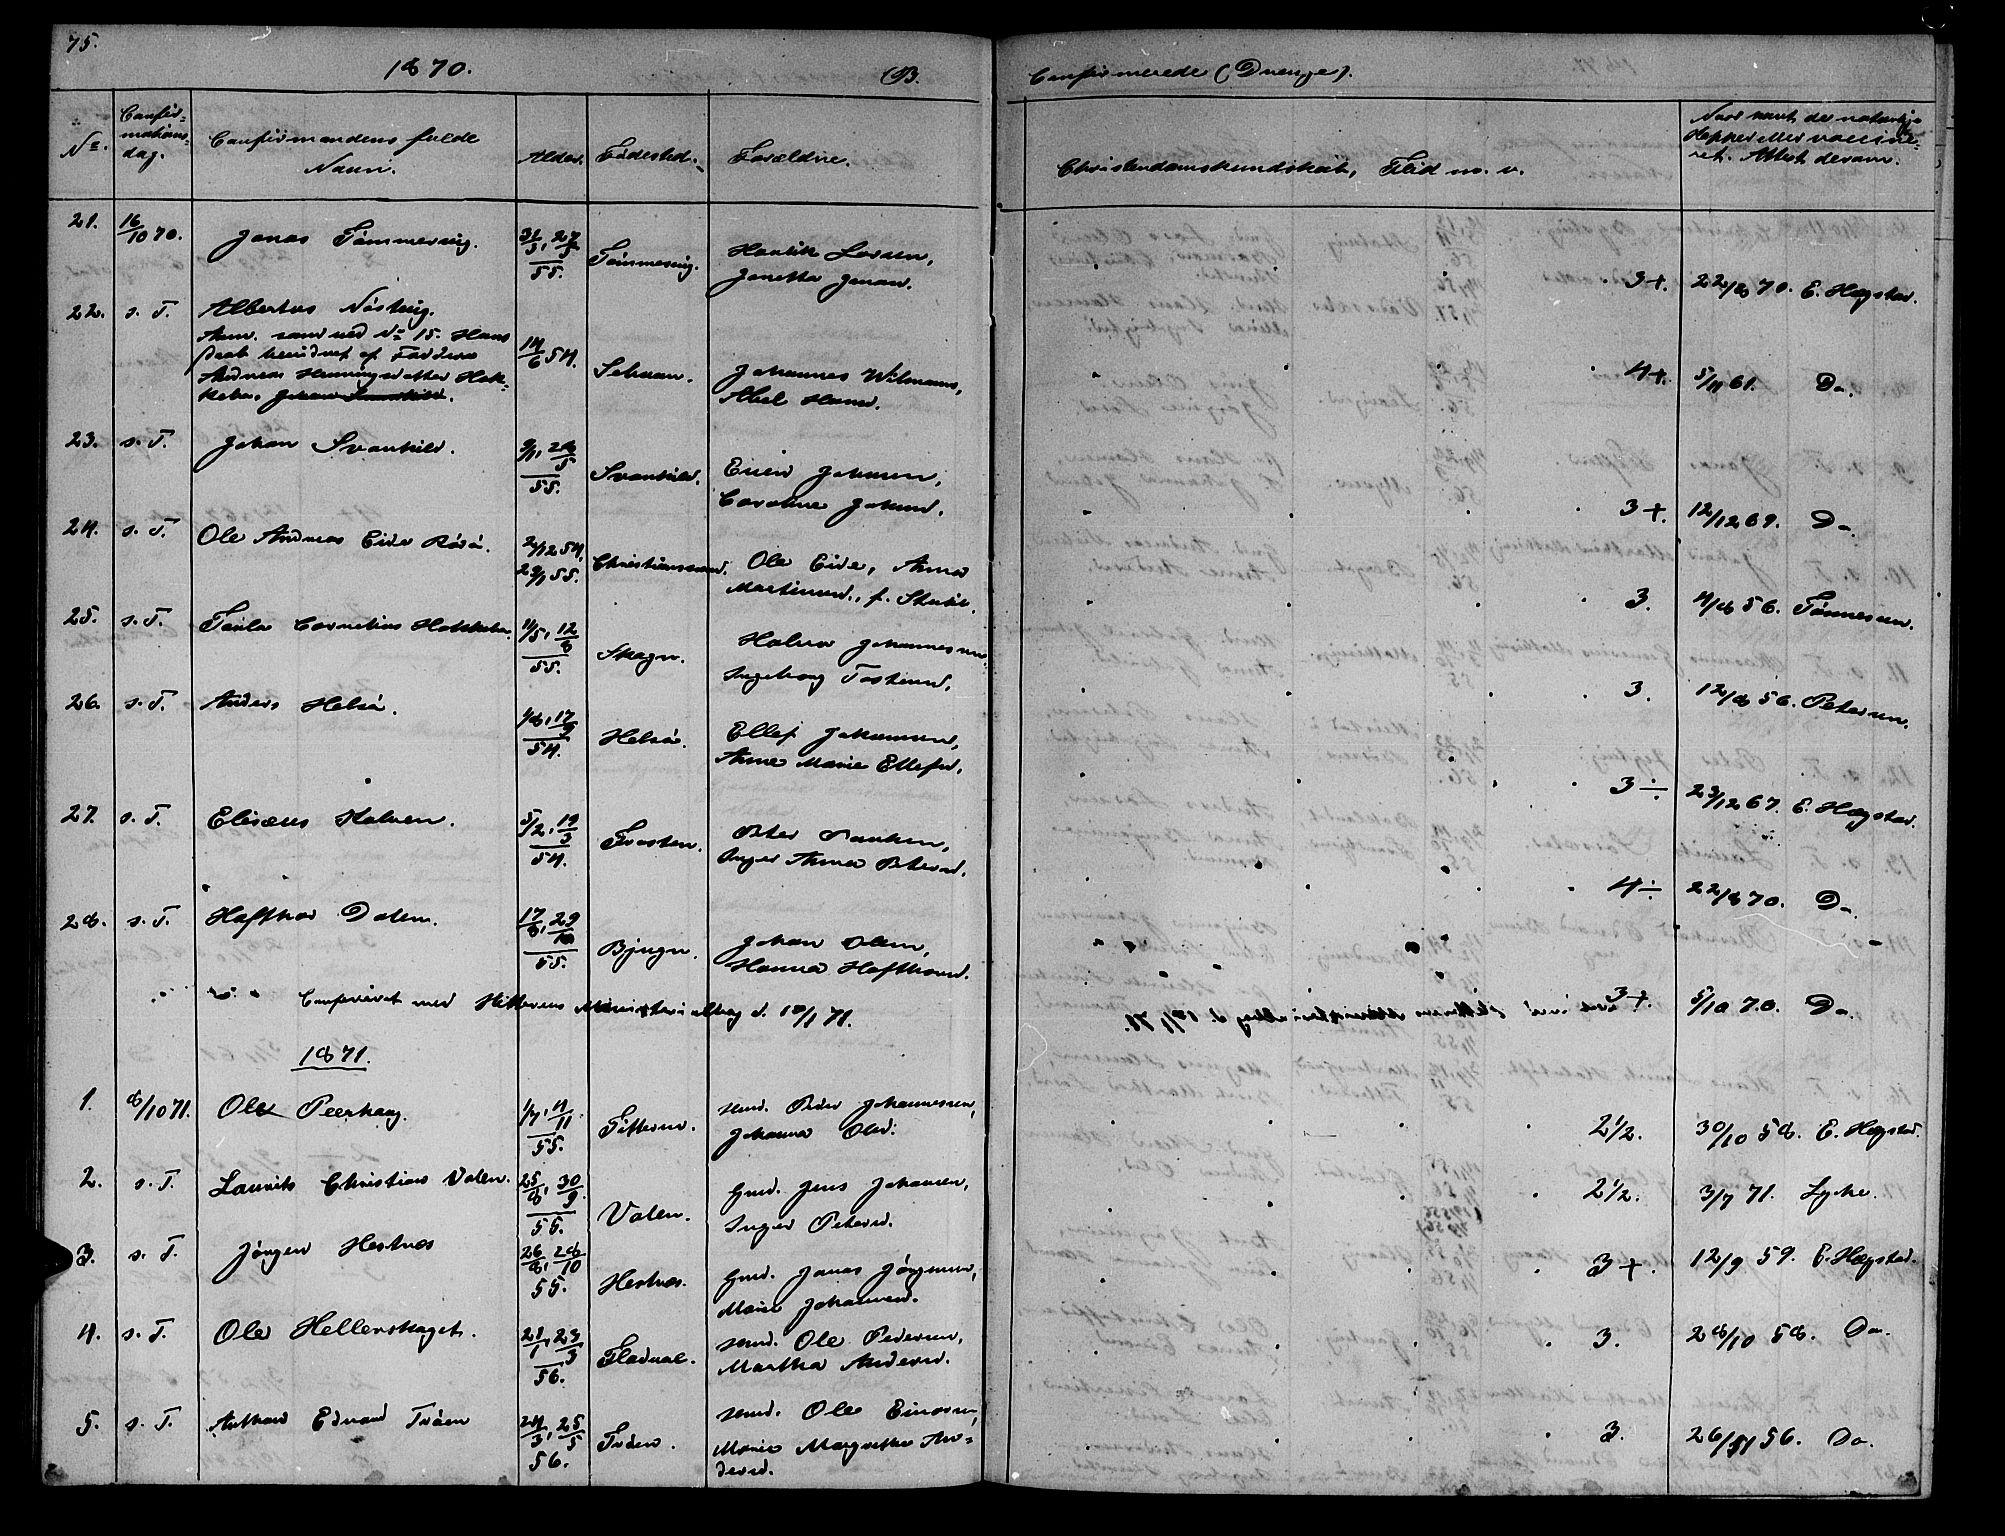 SAT, Ministerialprotokoller, klokkerbøker og fødselsregistre - Sør-Trøndelag, 634/L0539: Klokkerbok nr. 634C01, 1866-1873, s. 75